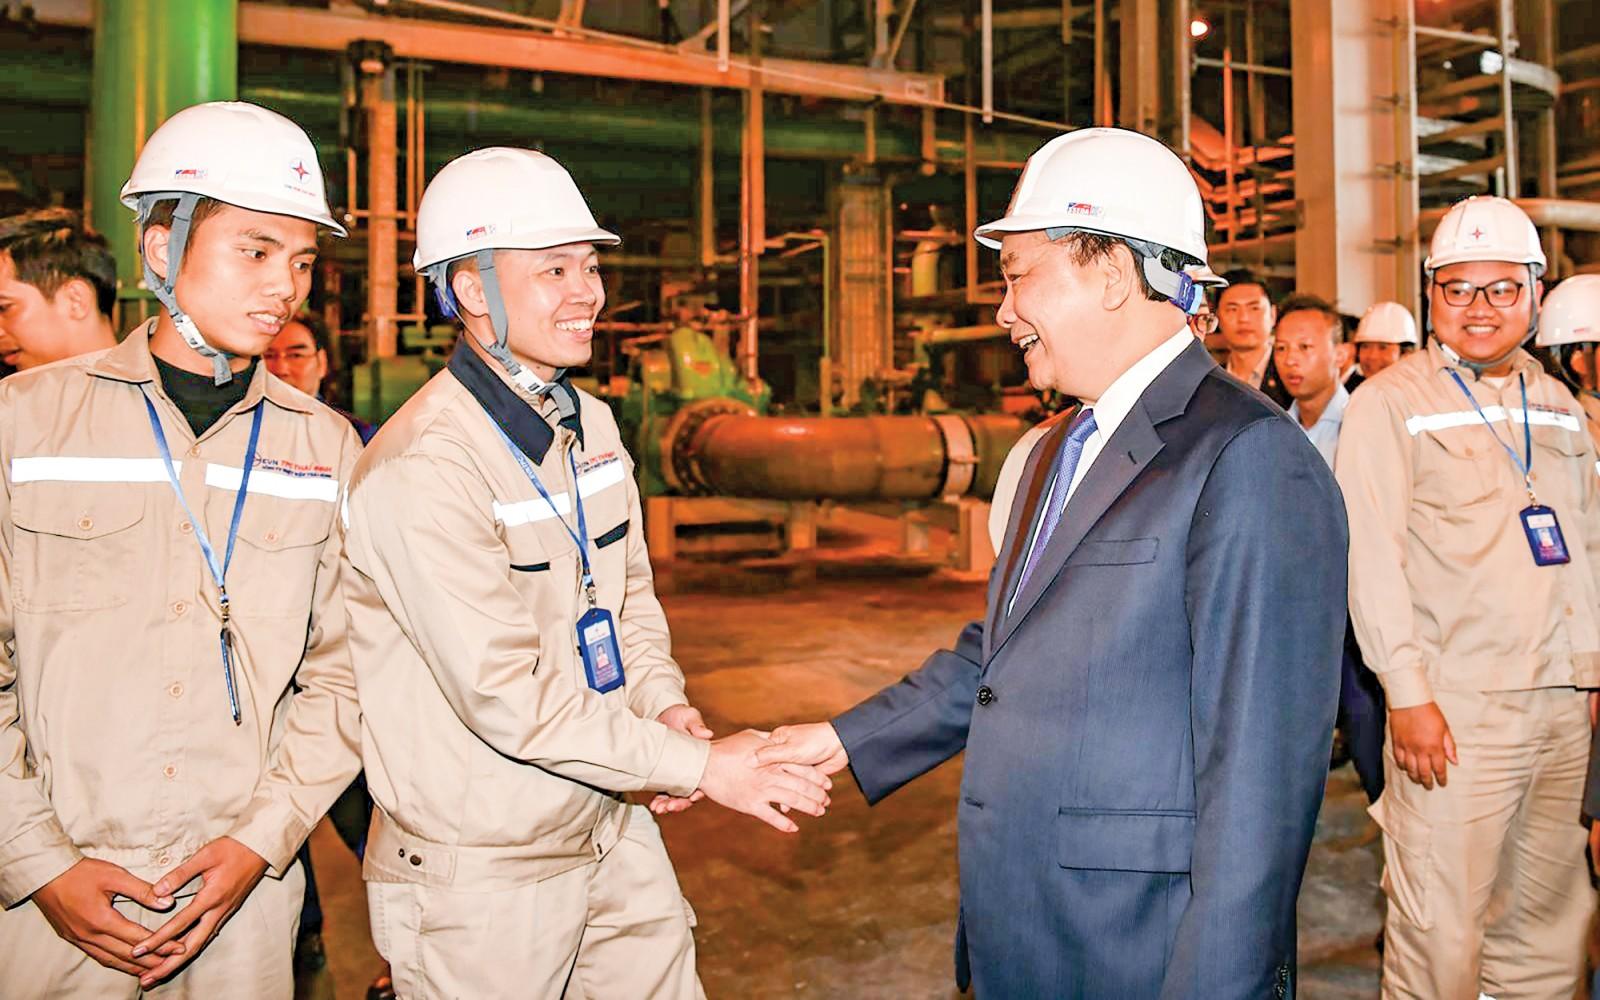 Thủ tướng Nguyễn Xuân Phúc trò chuyện với công nhân Nhà máy nhiệt điện Thái Bình 1. Ảnh: VGP/QUANG HIẾU